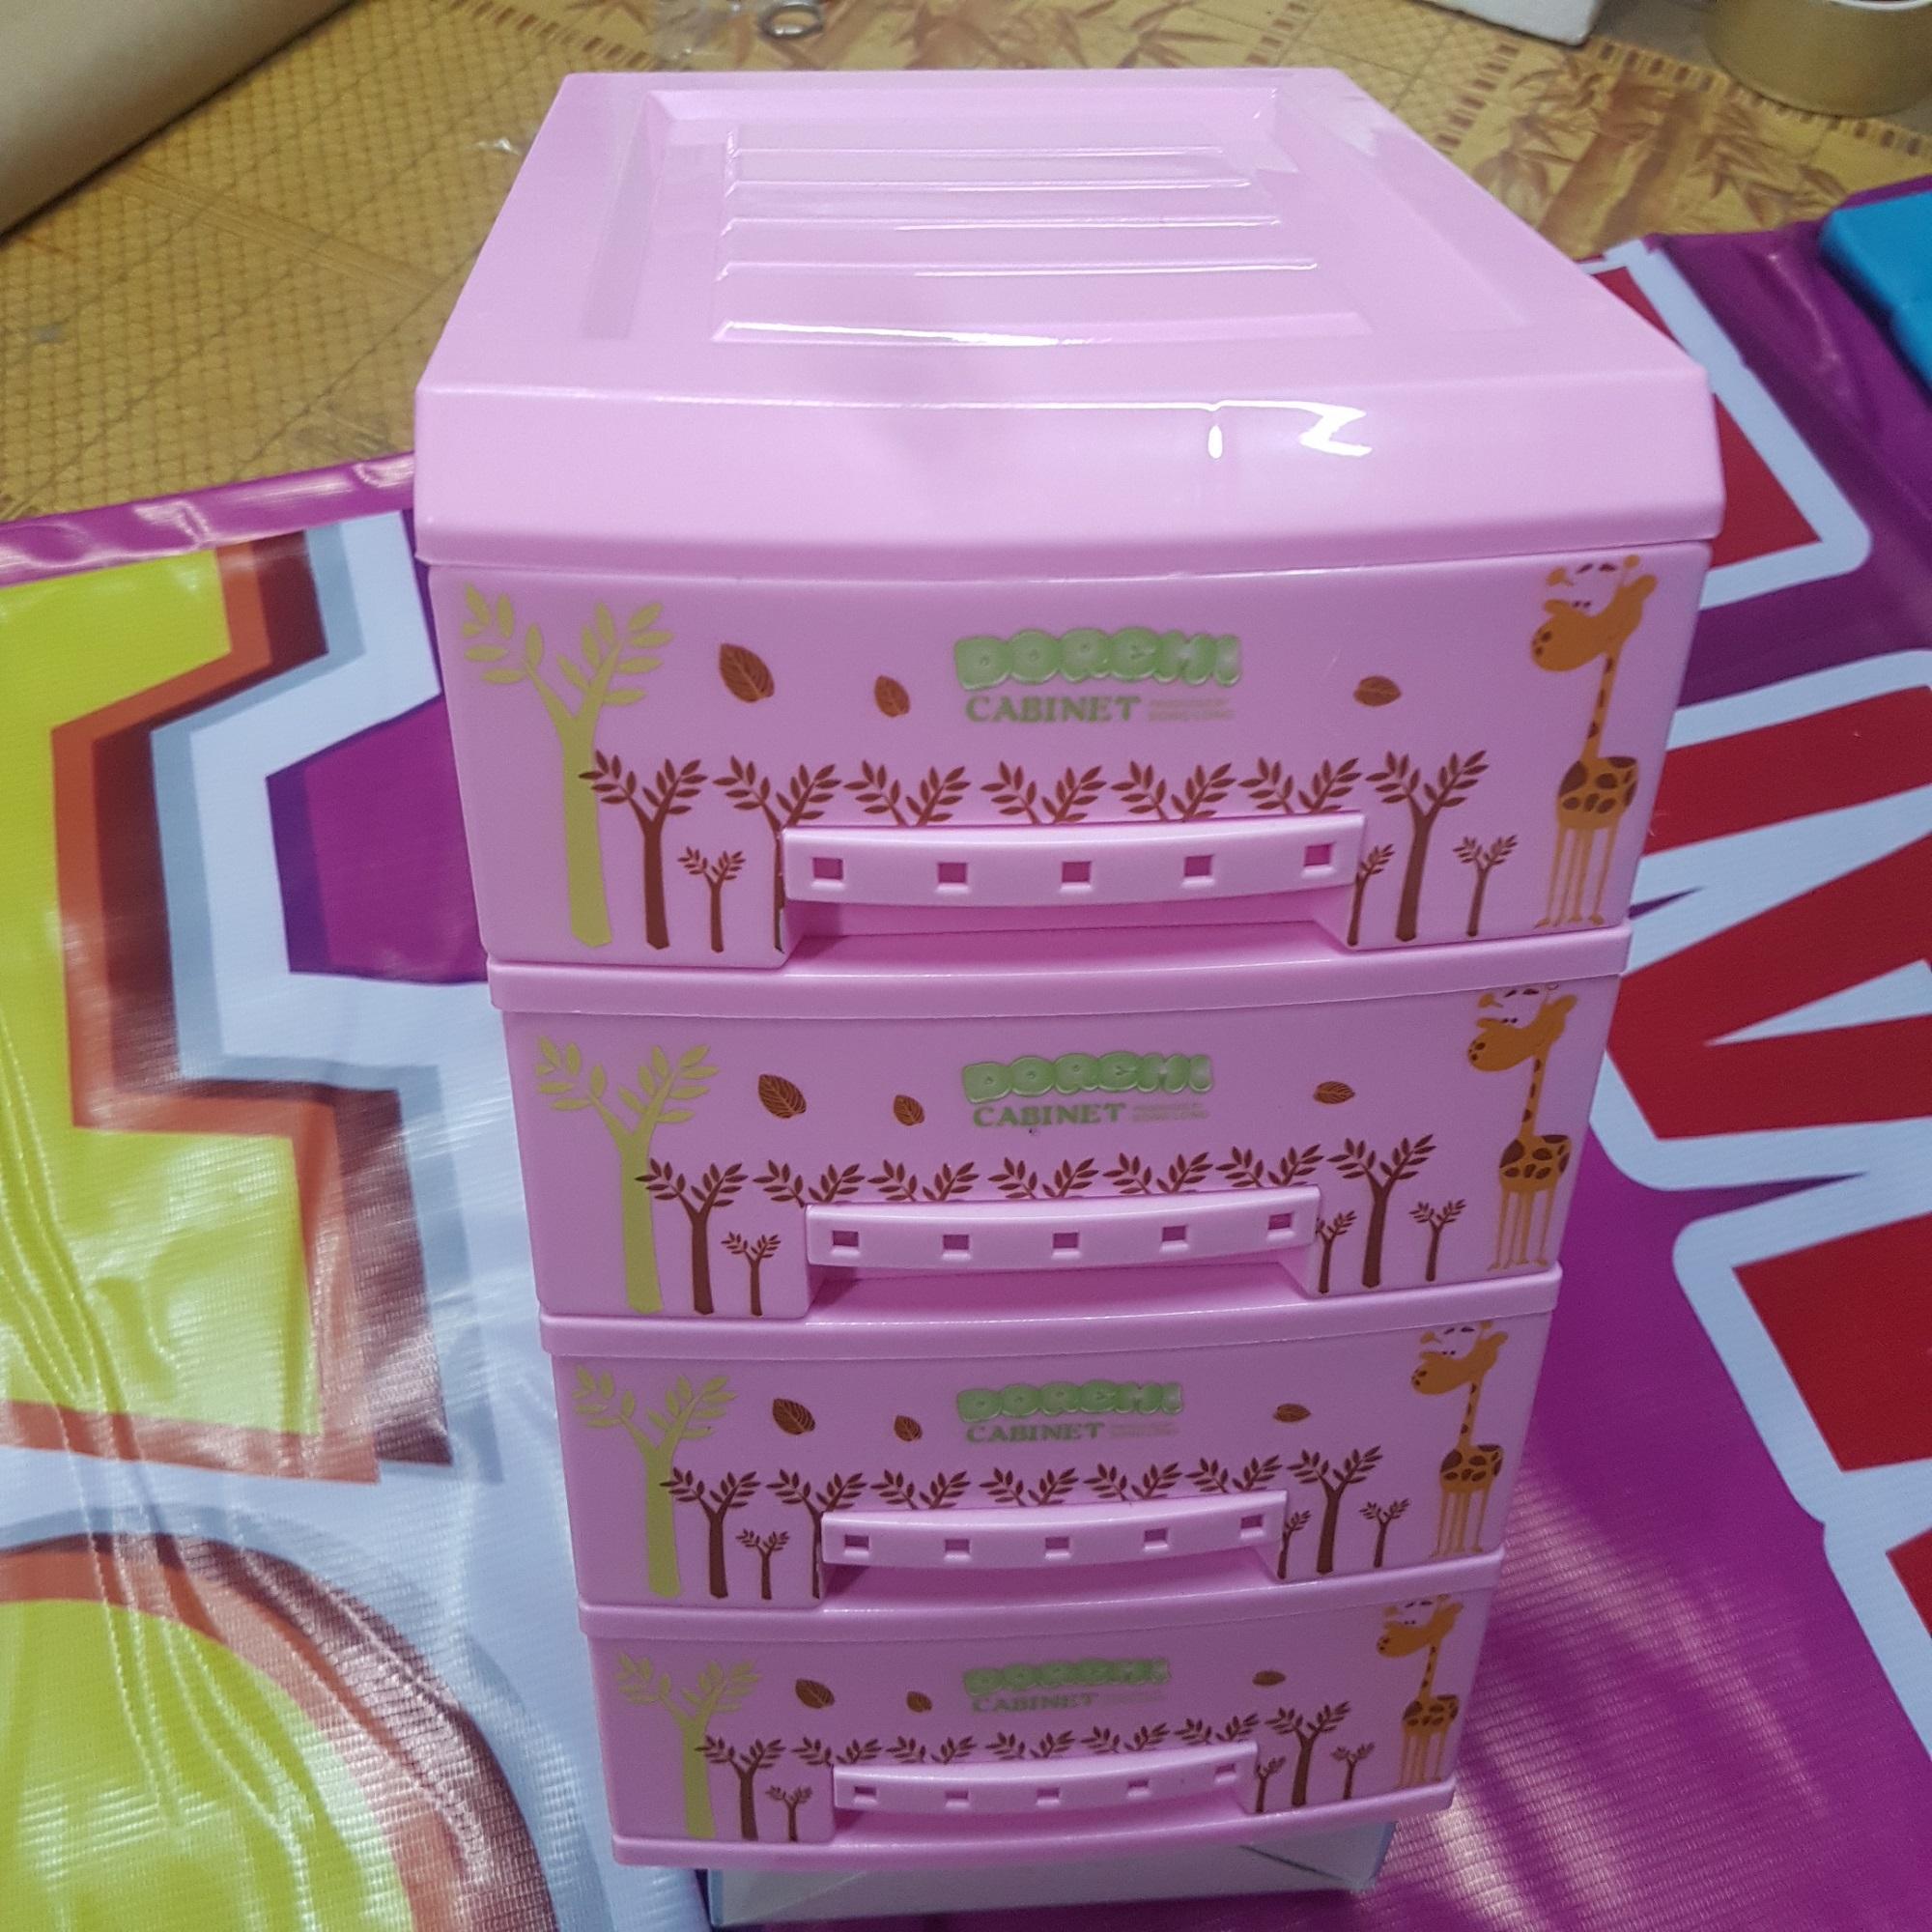 tủ nhựa mini songlong cao cấp 18cm x 23cm x 30cm(TỦ MINI ĐỰNG MỸ PHẨM ,TỦ Y TẾ KHÔNG ĐỰNG QUẦN ÁO ĐƯƠC CÁC BẠN NHÉ)